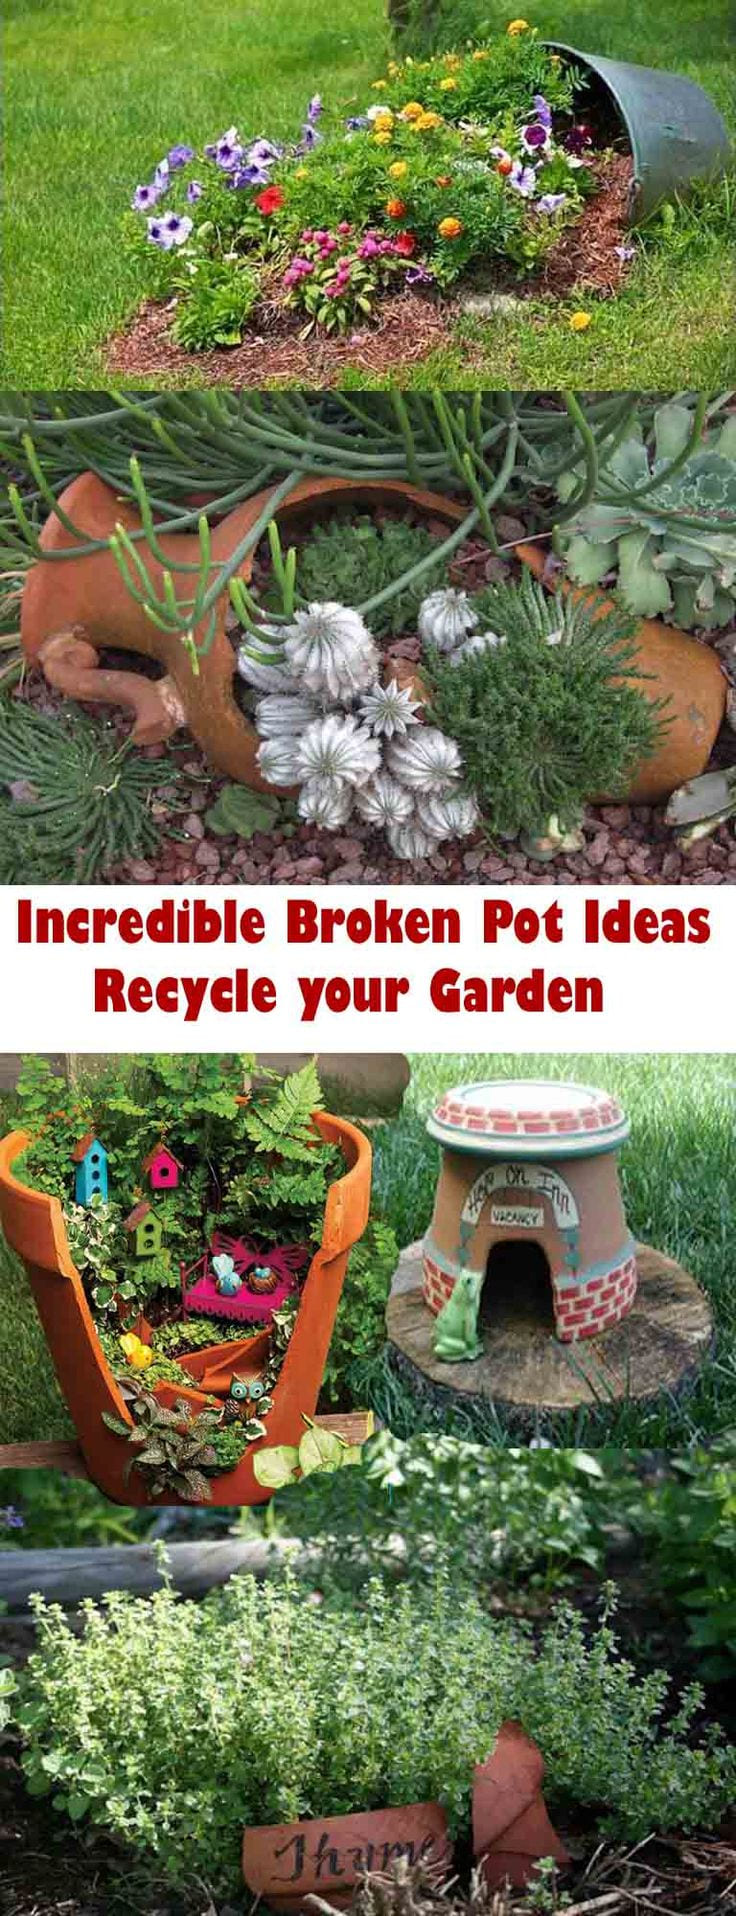 Simphome.com incredible broken pot ideas recycle your garden pertaining to 10 recycle ideas for garden incredible as well as attractive